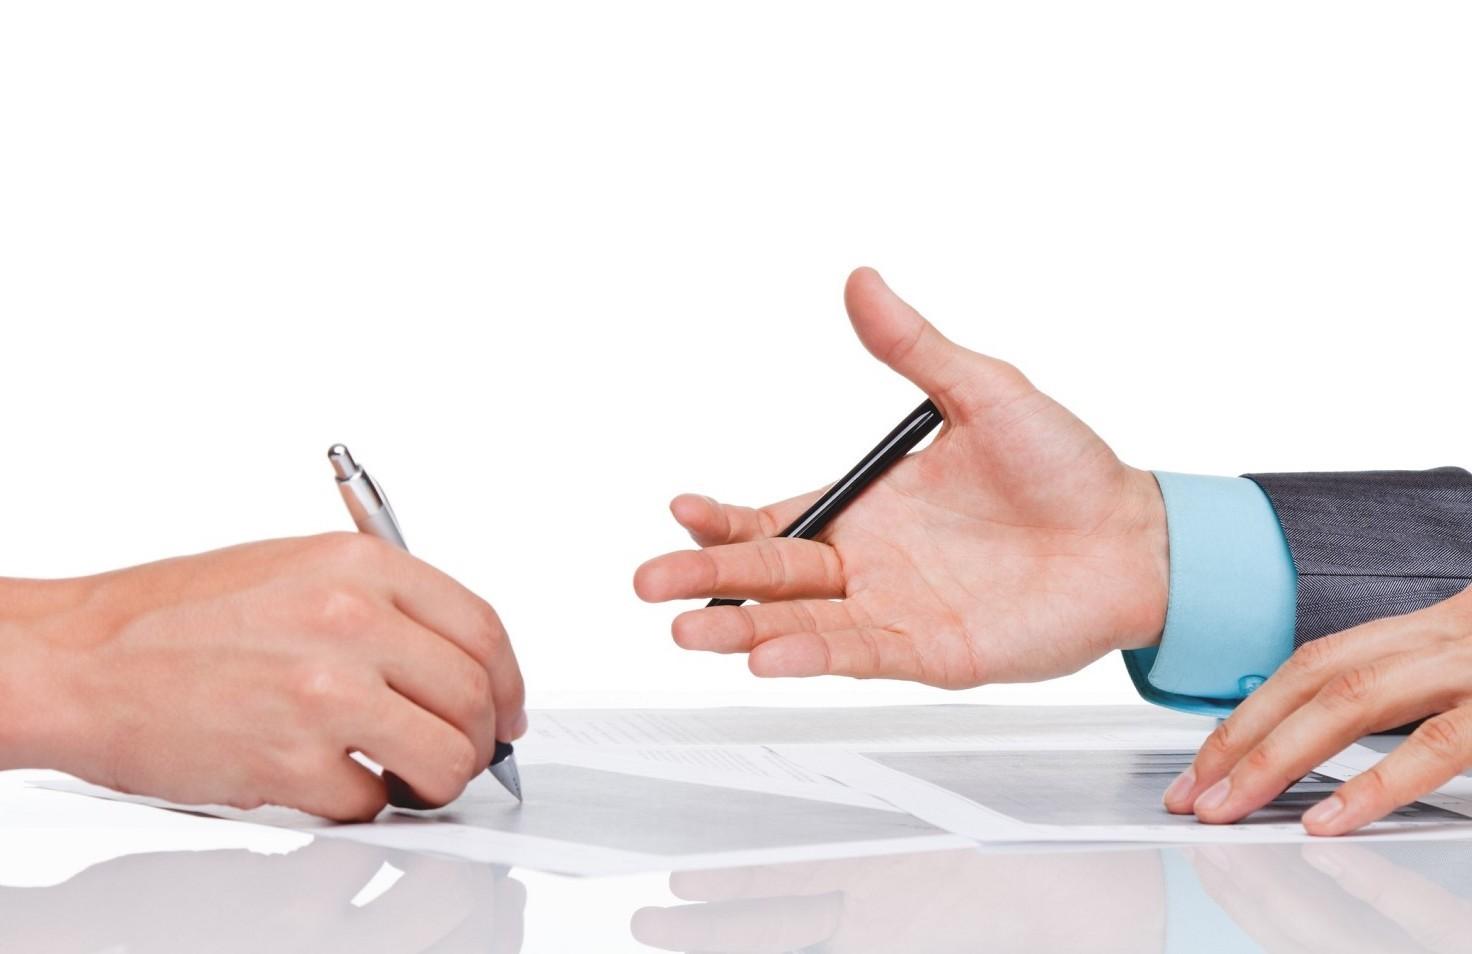 Contratto credito e assicurazioni Ania stipendi, livelli, mansioni, permessi, malattia, ferie, licenziamenti